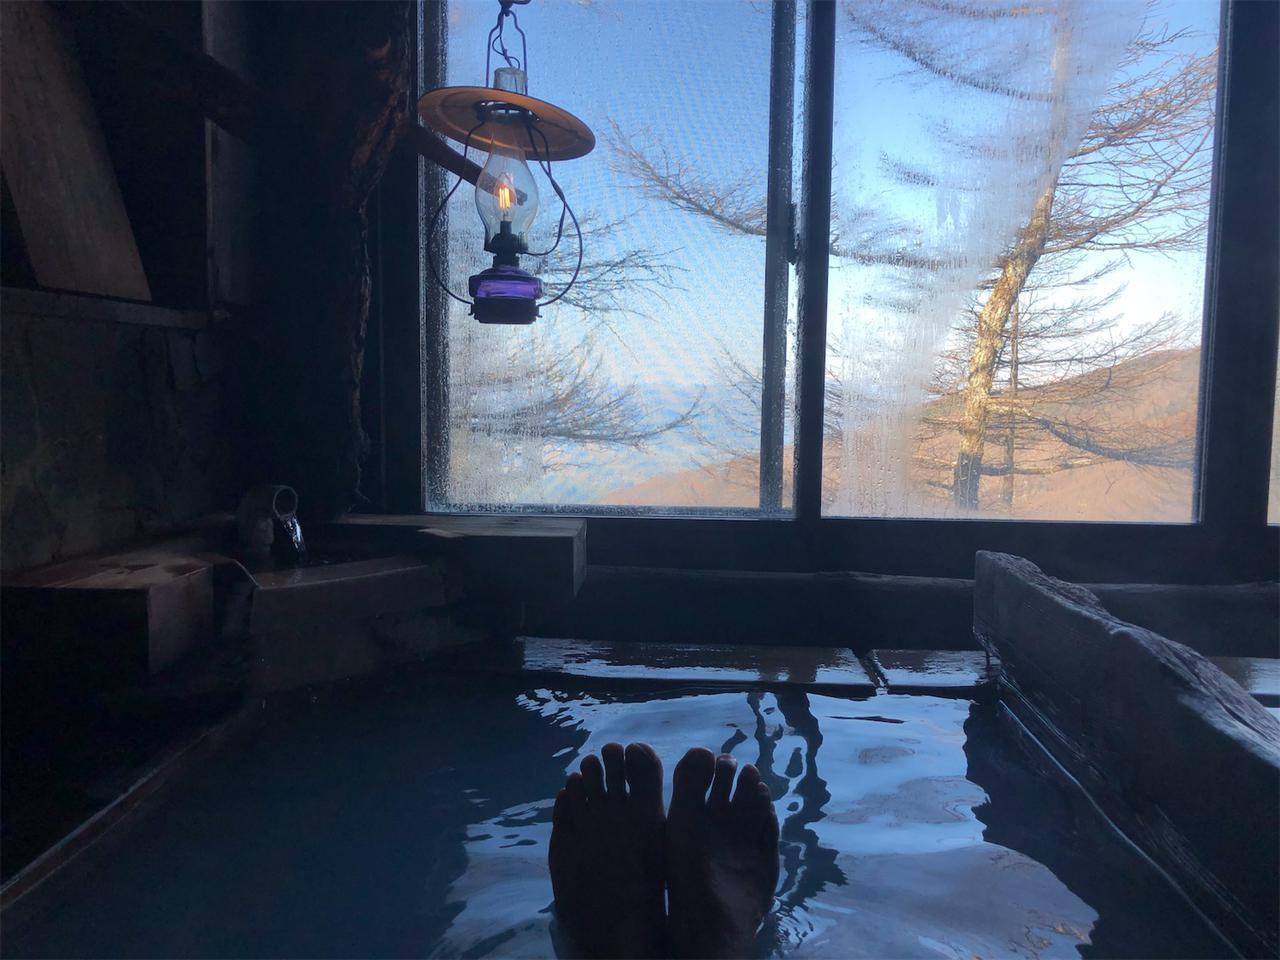 画像2: 標高2000mの林道で春の雪? 雲上の野天風呂を目指してダートを駆けあがる!【三橋淳のアフリカツイン・トリップ】